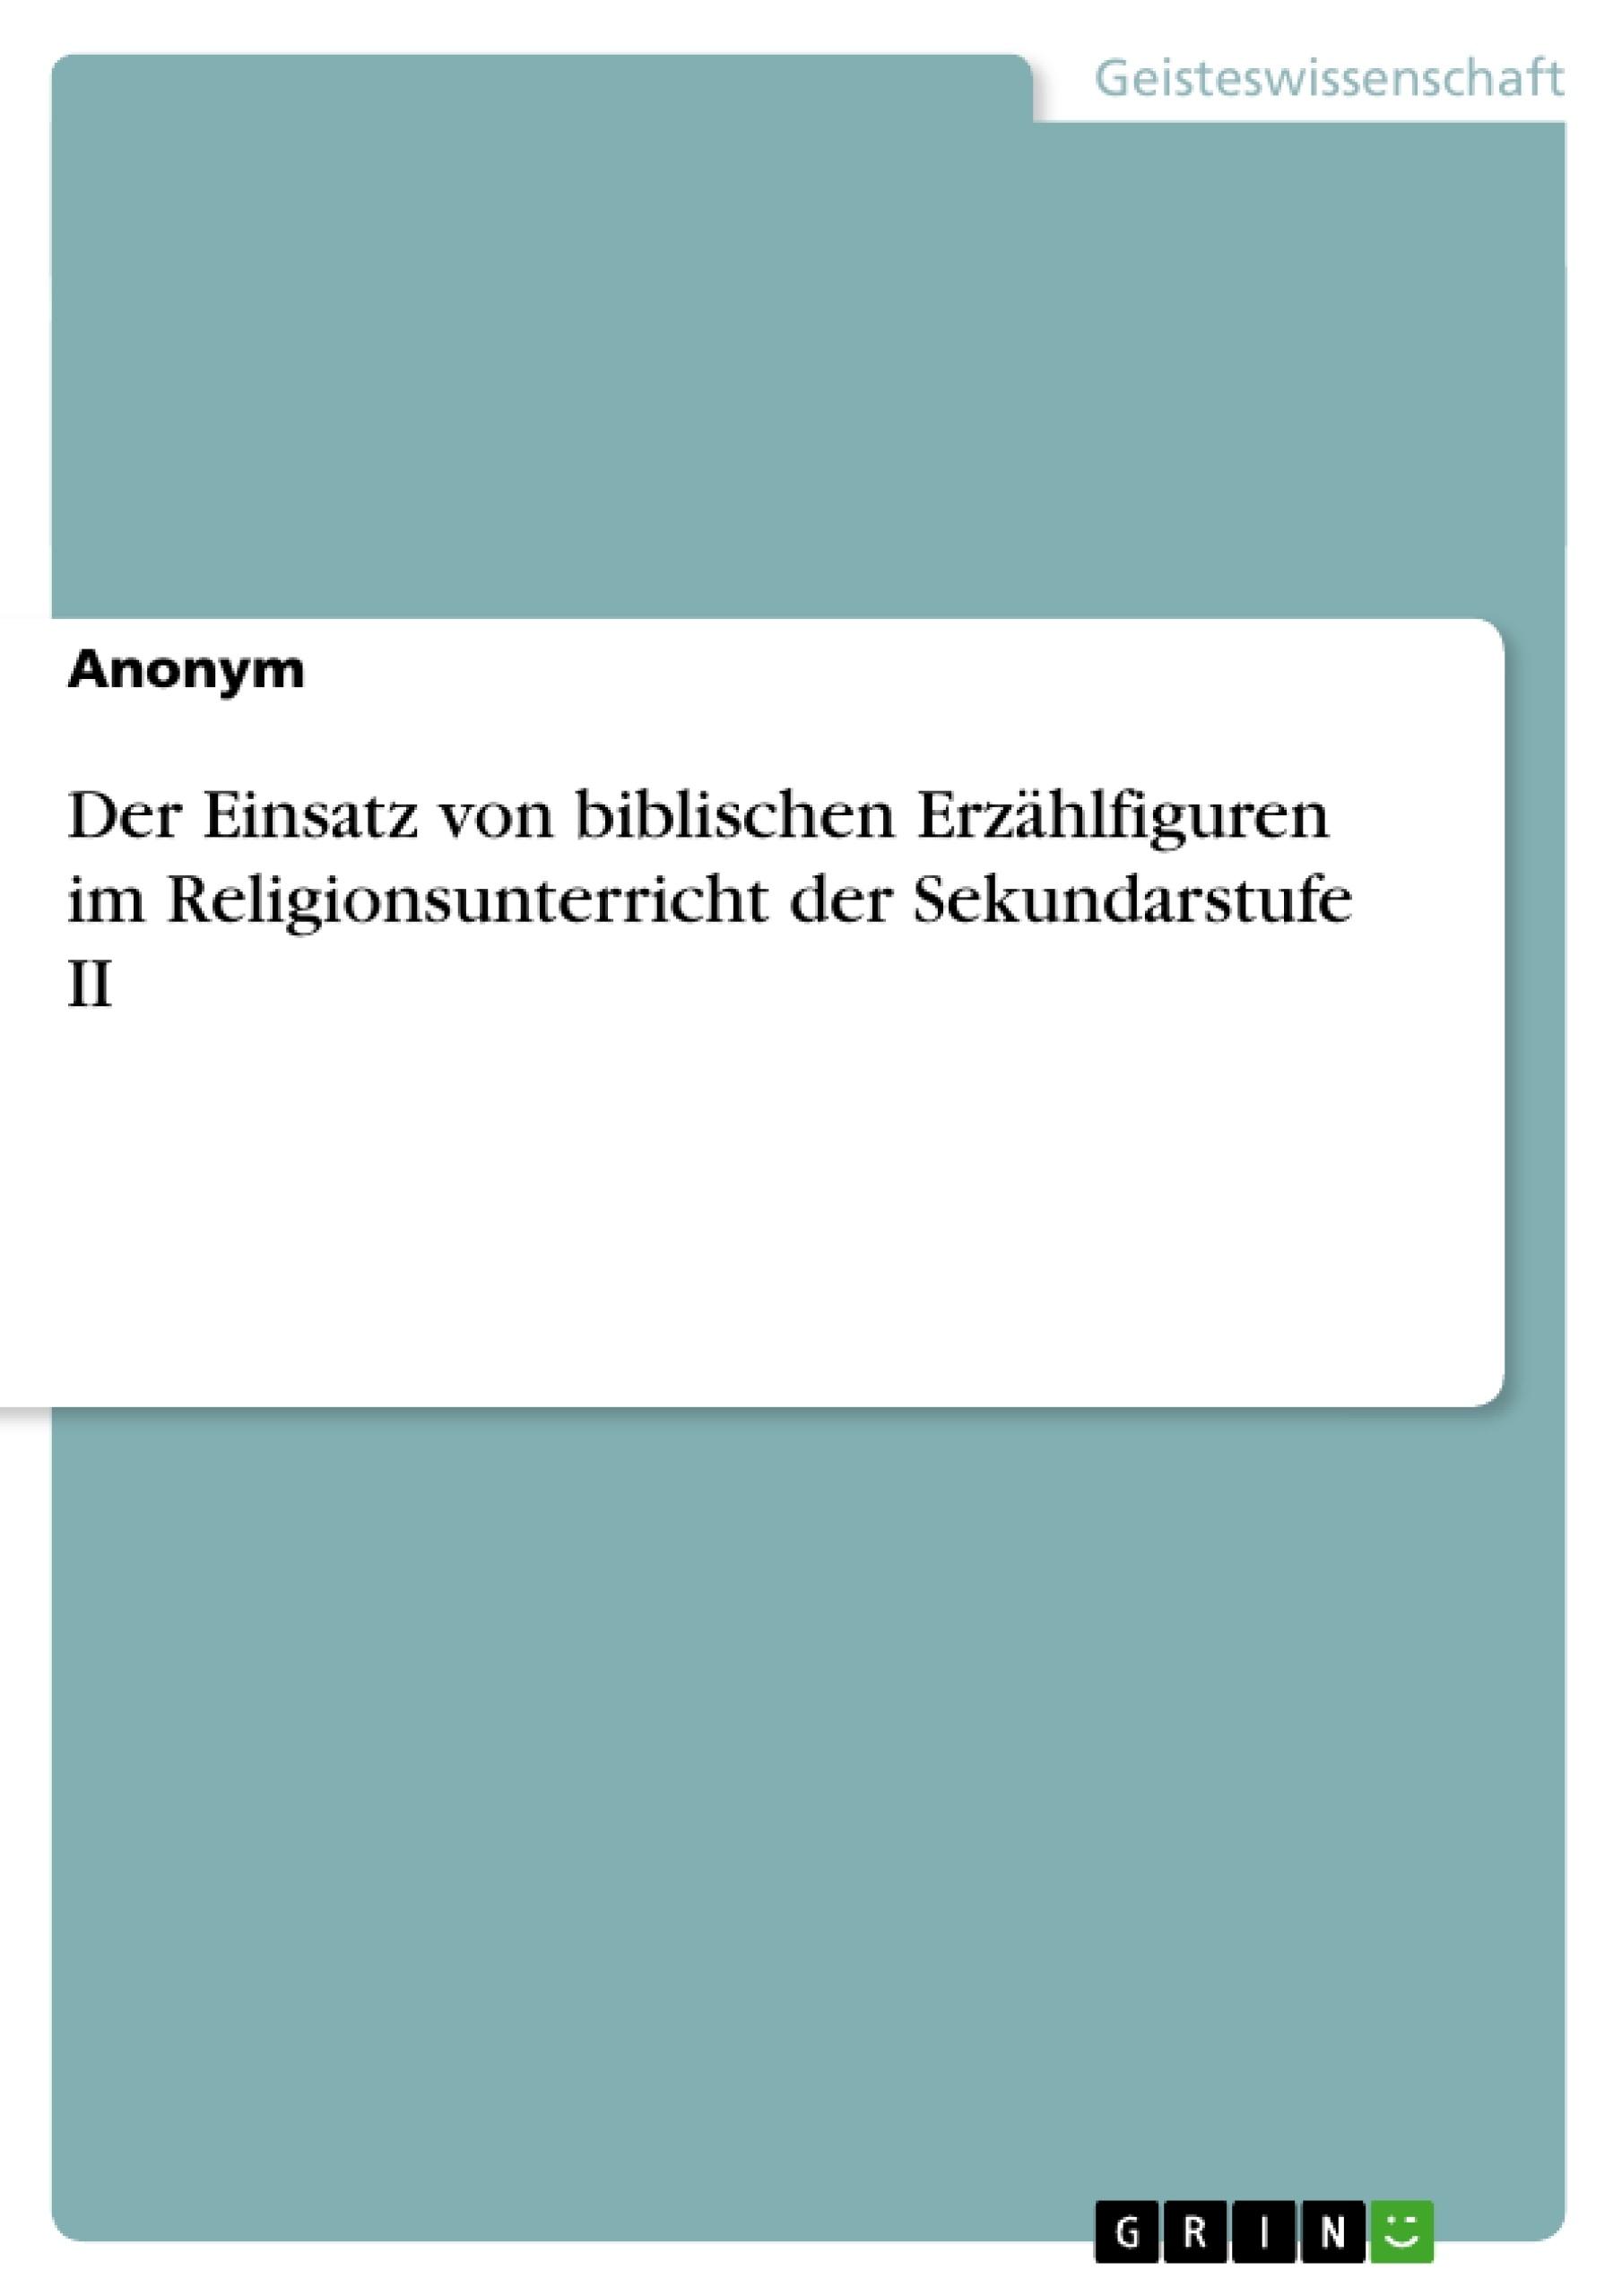 Titel: Der Einsatz von biblischen Erzählfiguren im Religionsunterricht der Sekundarstufe II